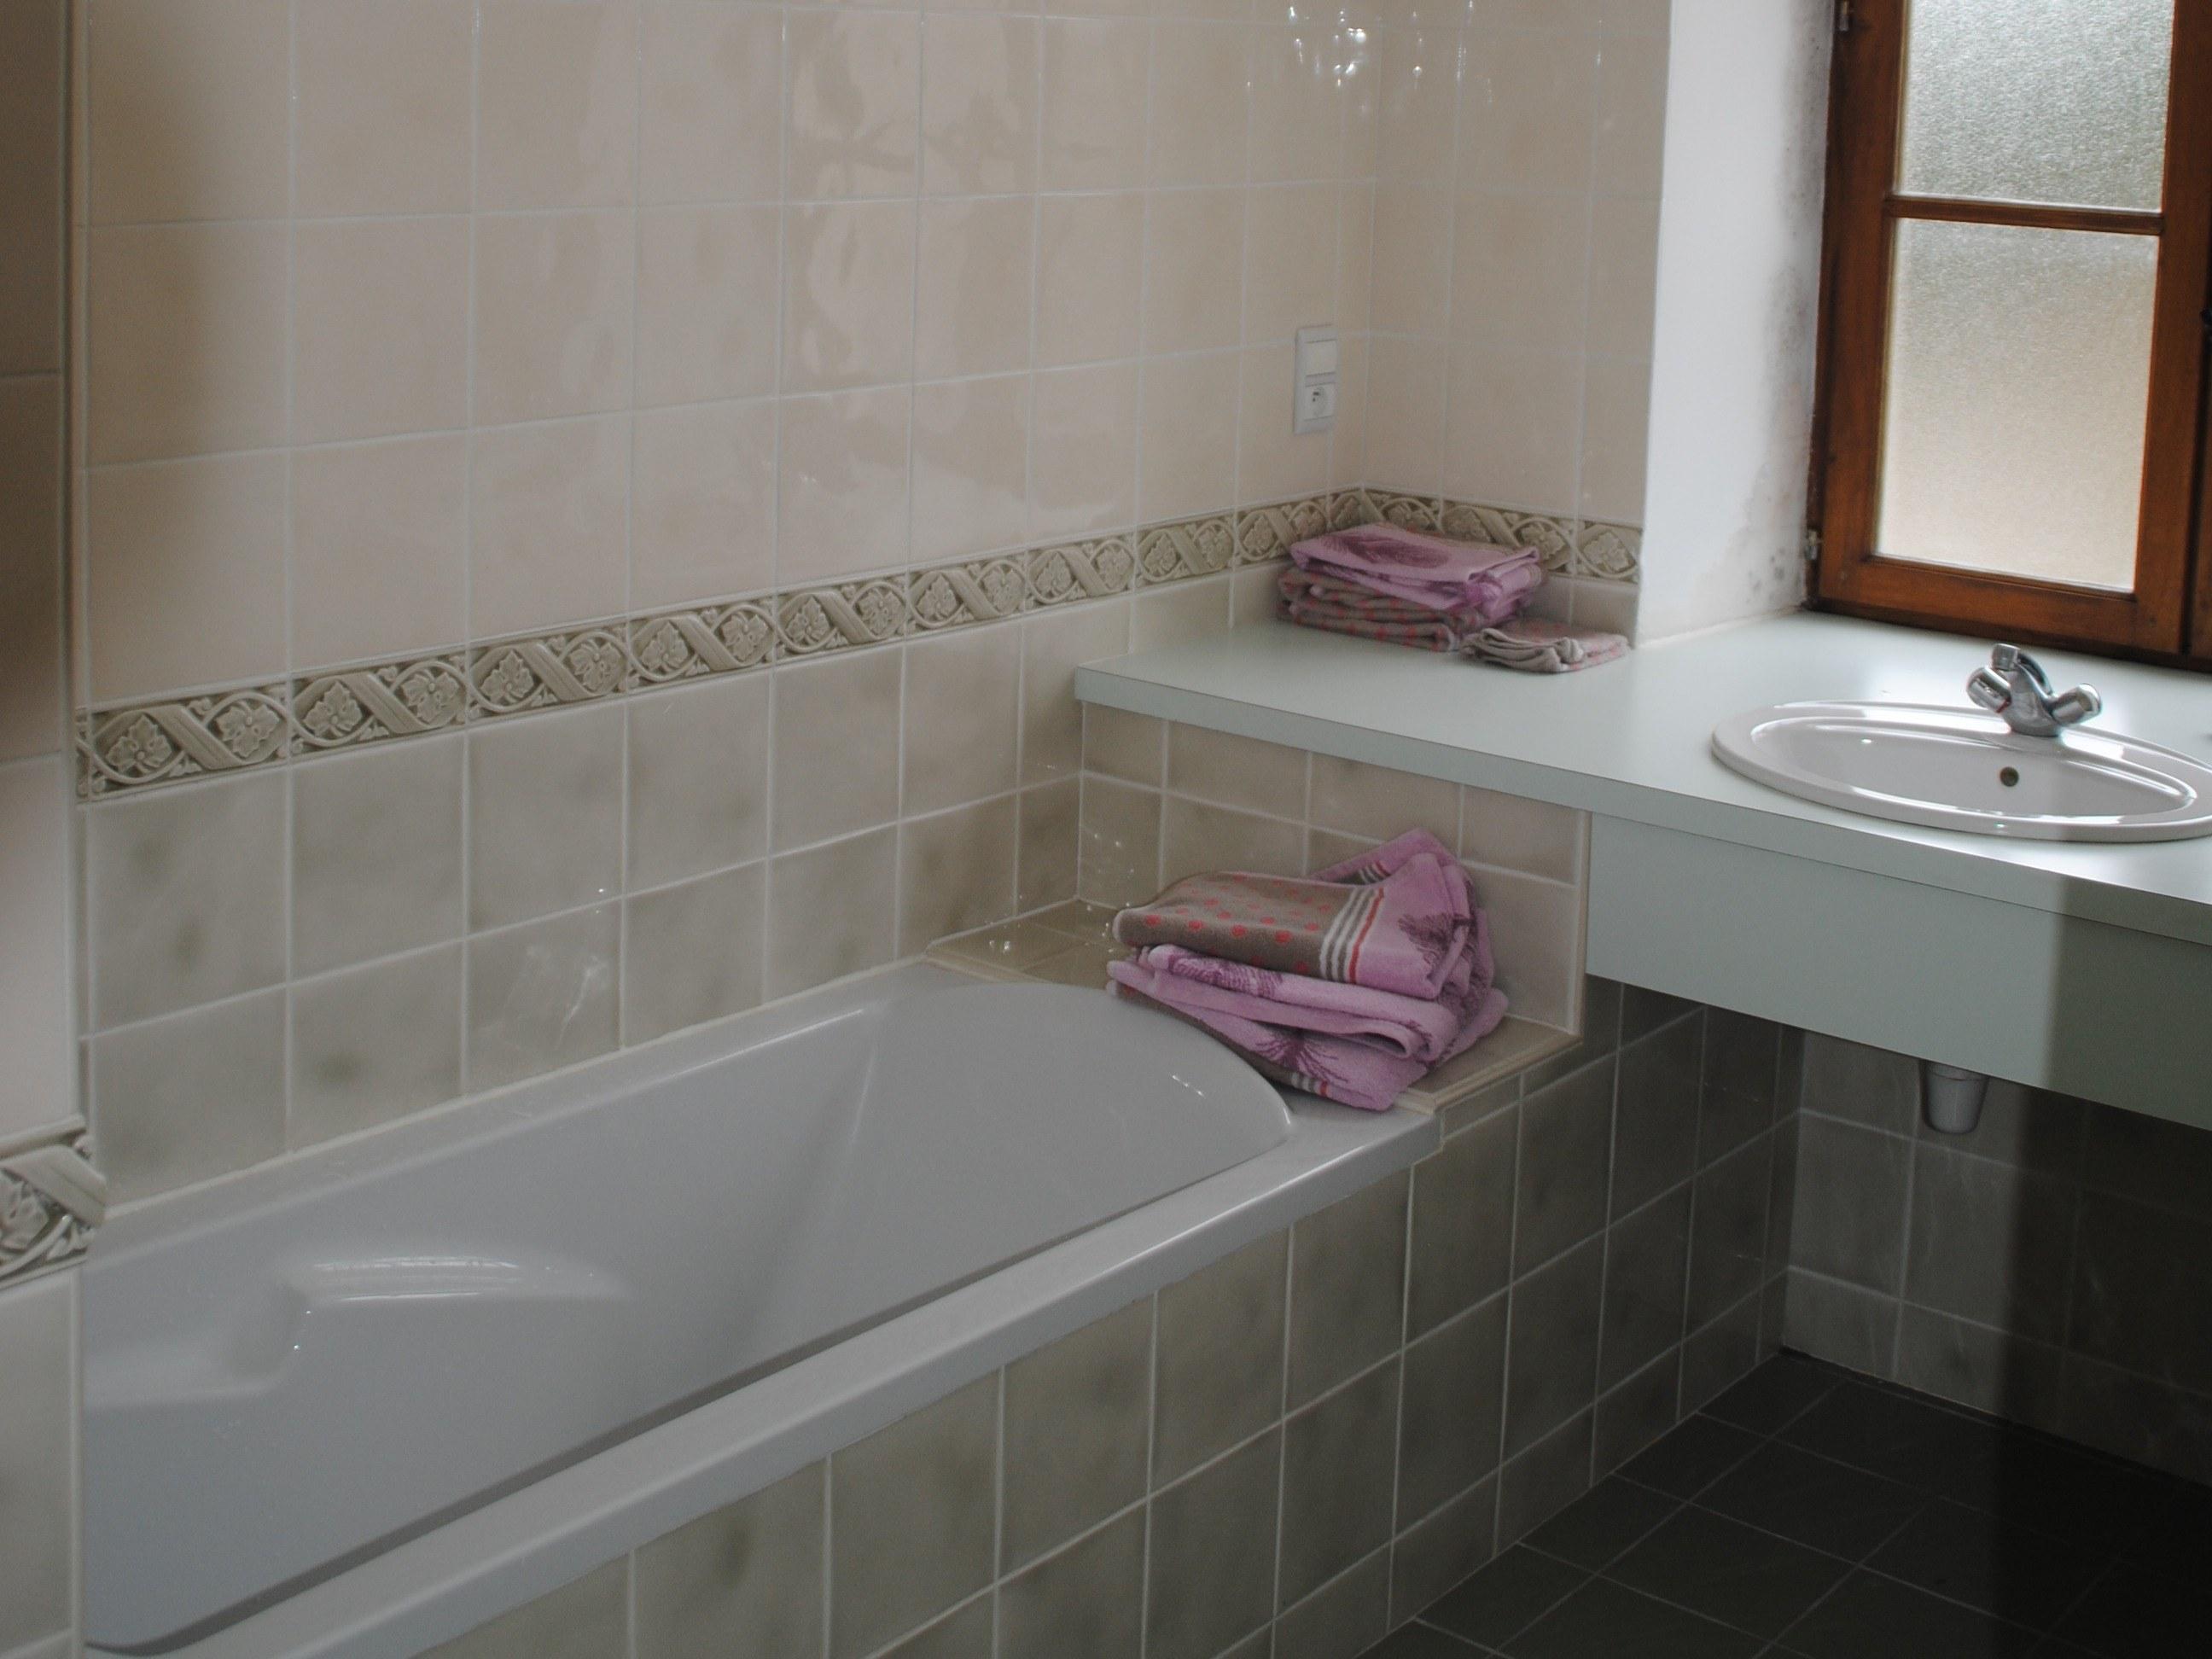 baroville-champagne-salle-de-bain-fenetre-lavabo-baignoire